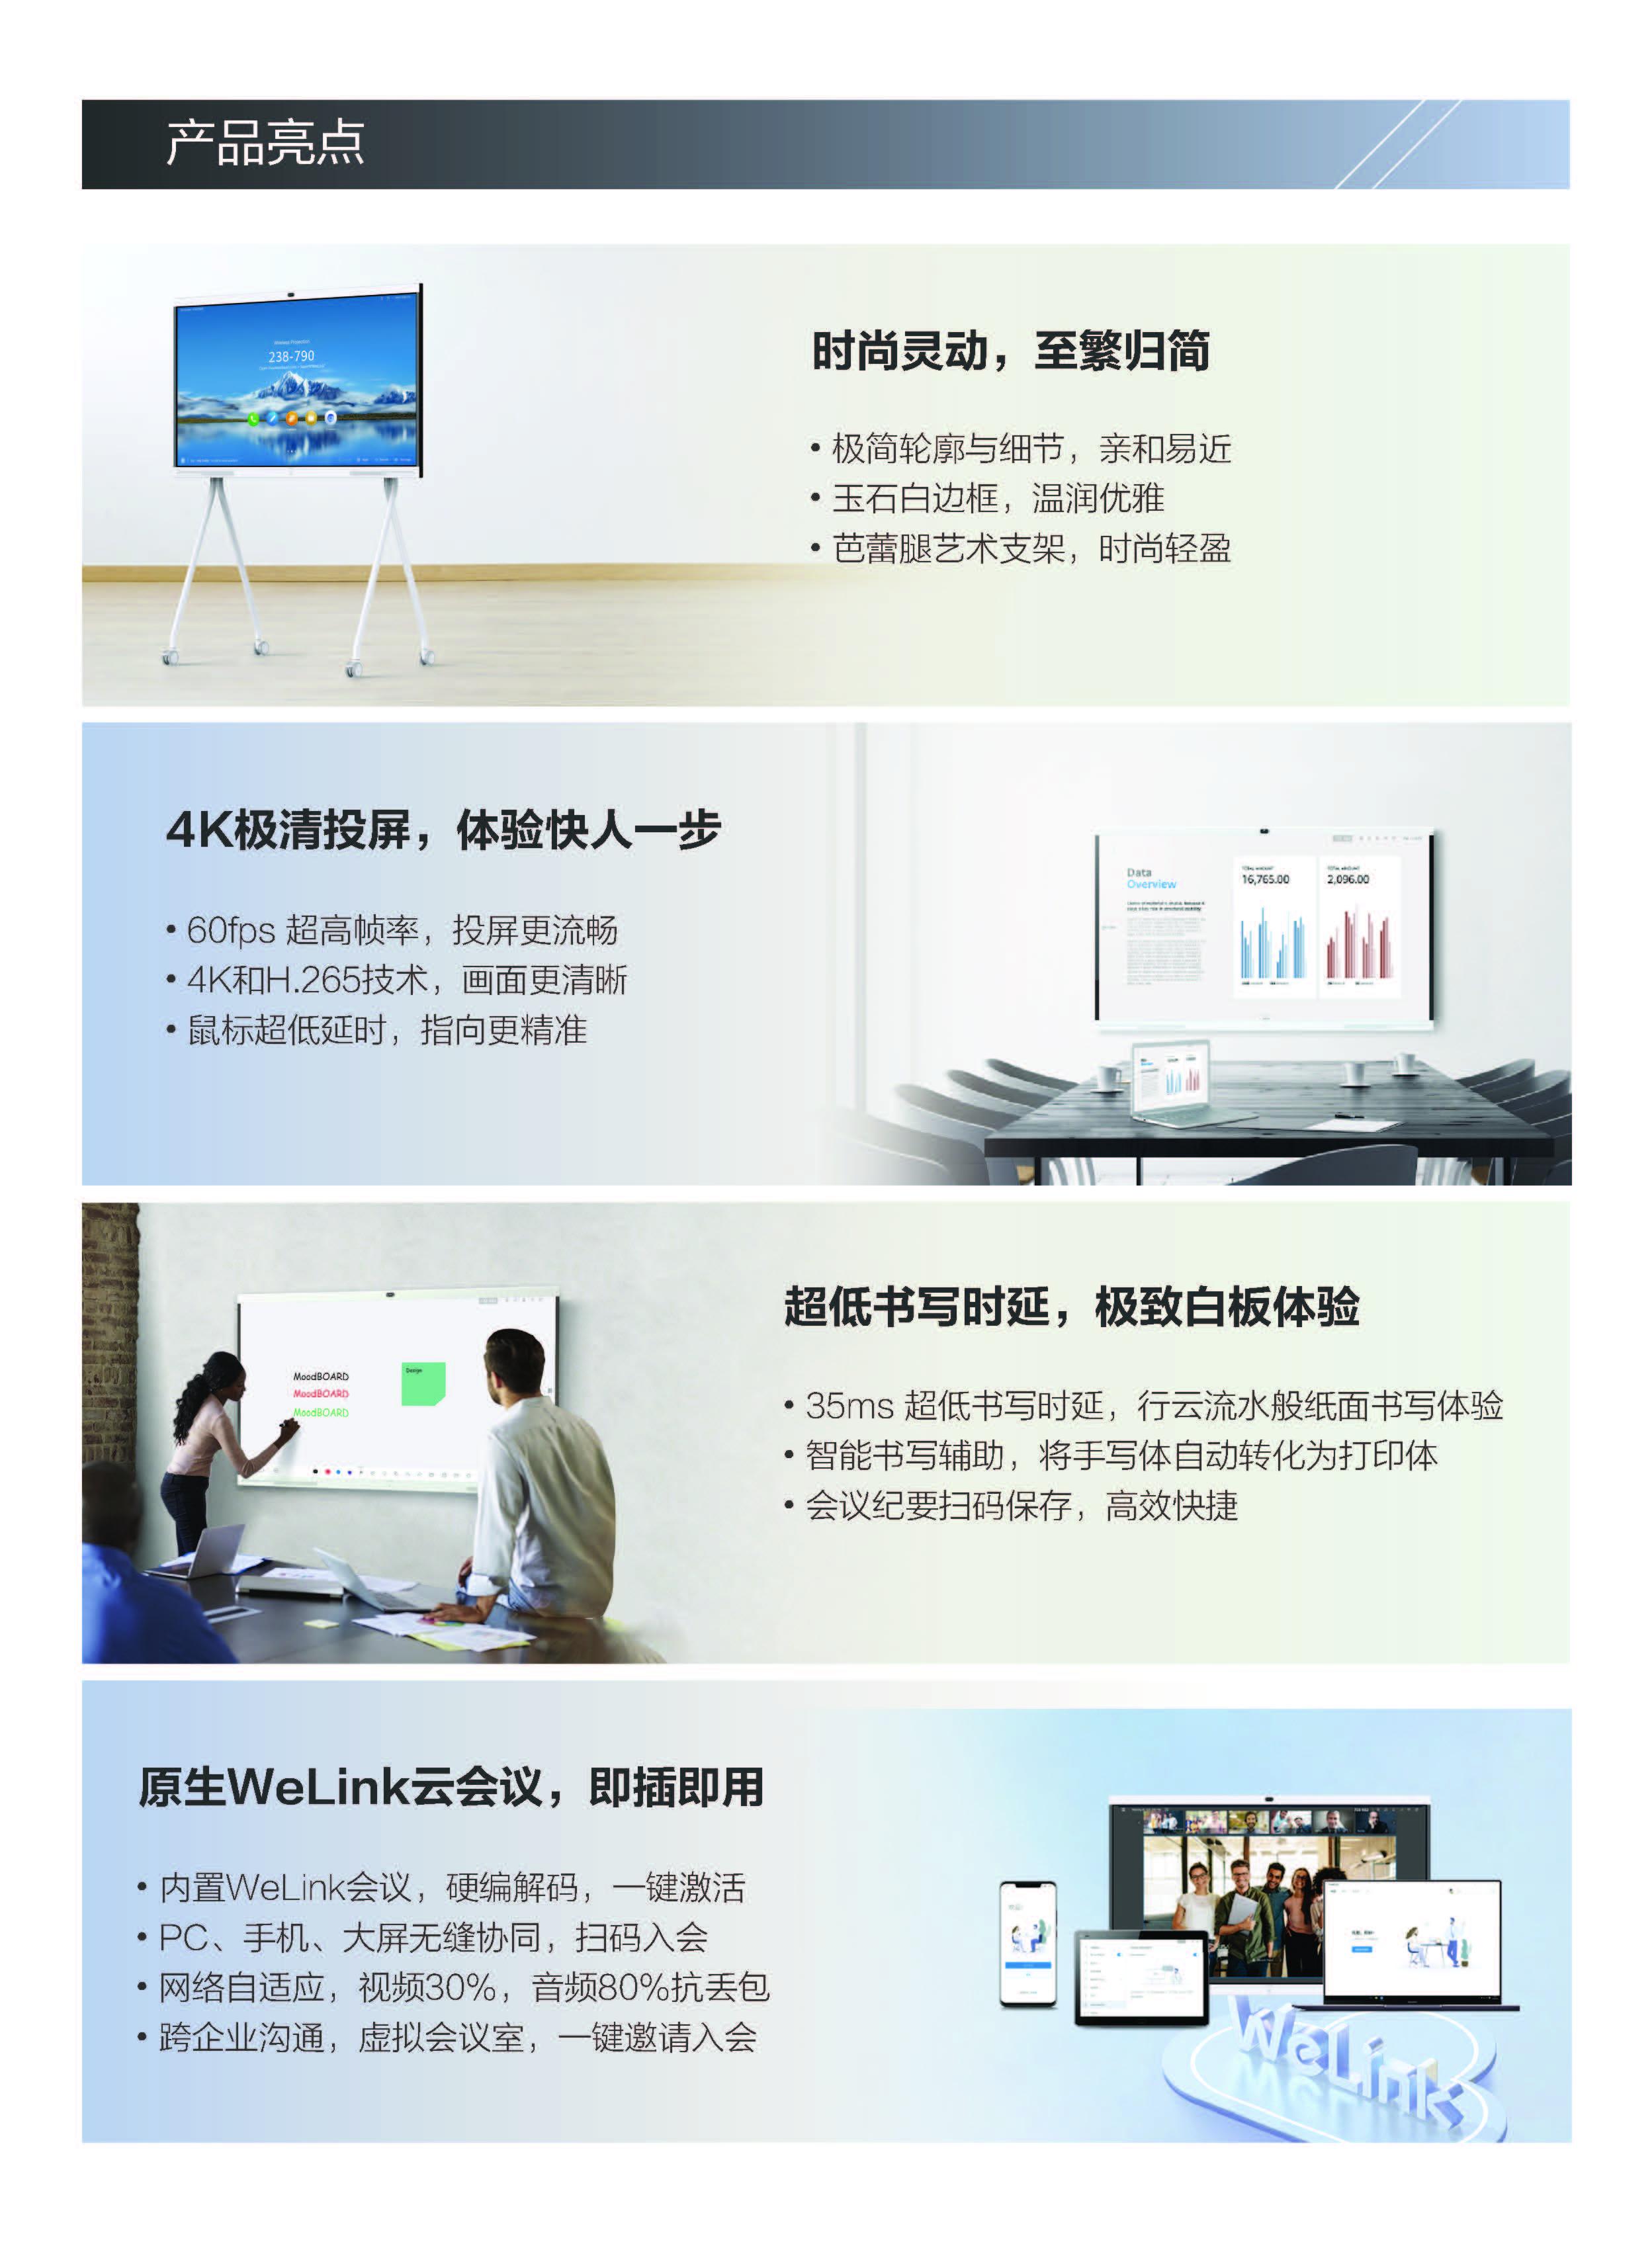 华为企业智慧屏IdeaHub彩页_页面_3.jpg